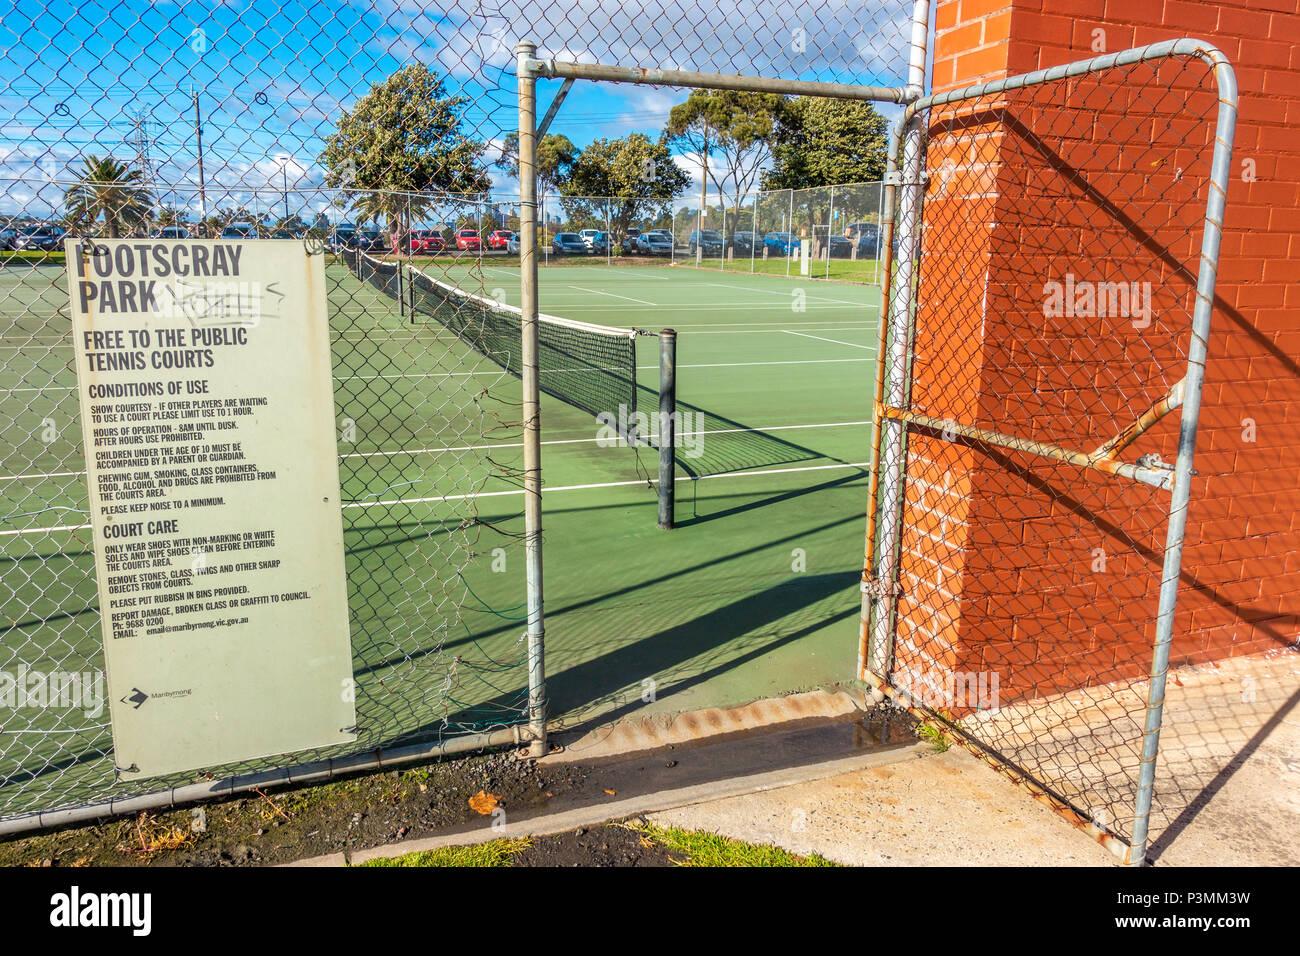 Entrada de pista de tenis gratuita en Footscray Park. Melbourne, Australia VIC Imagen De Stock